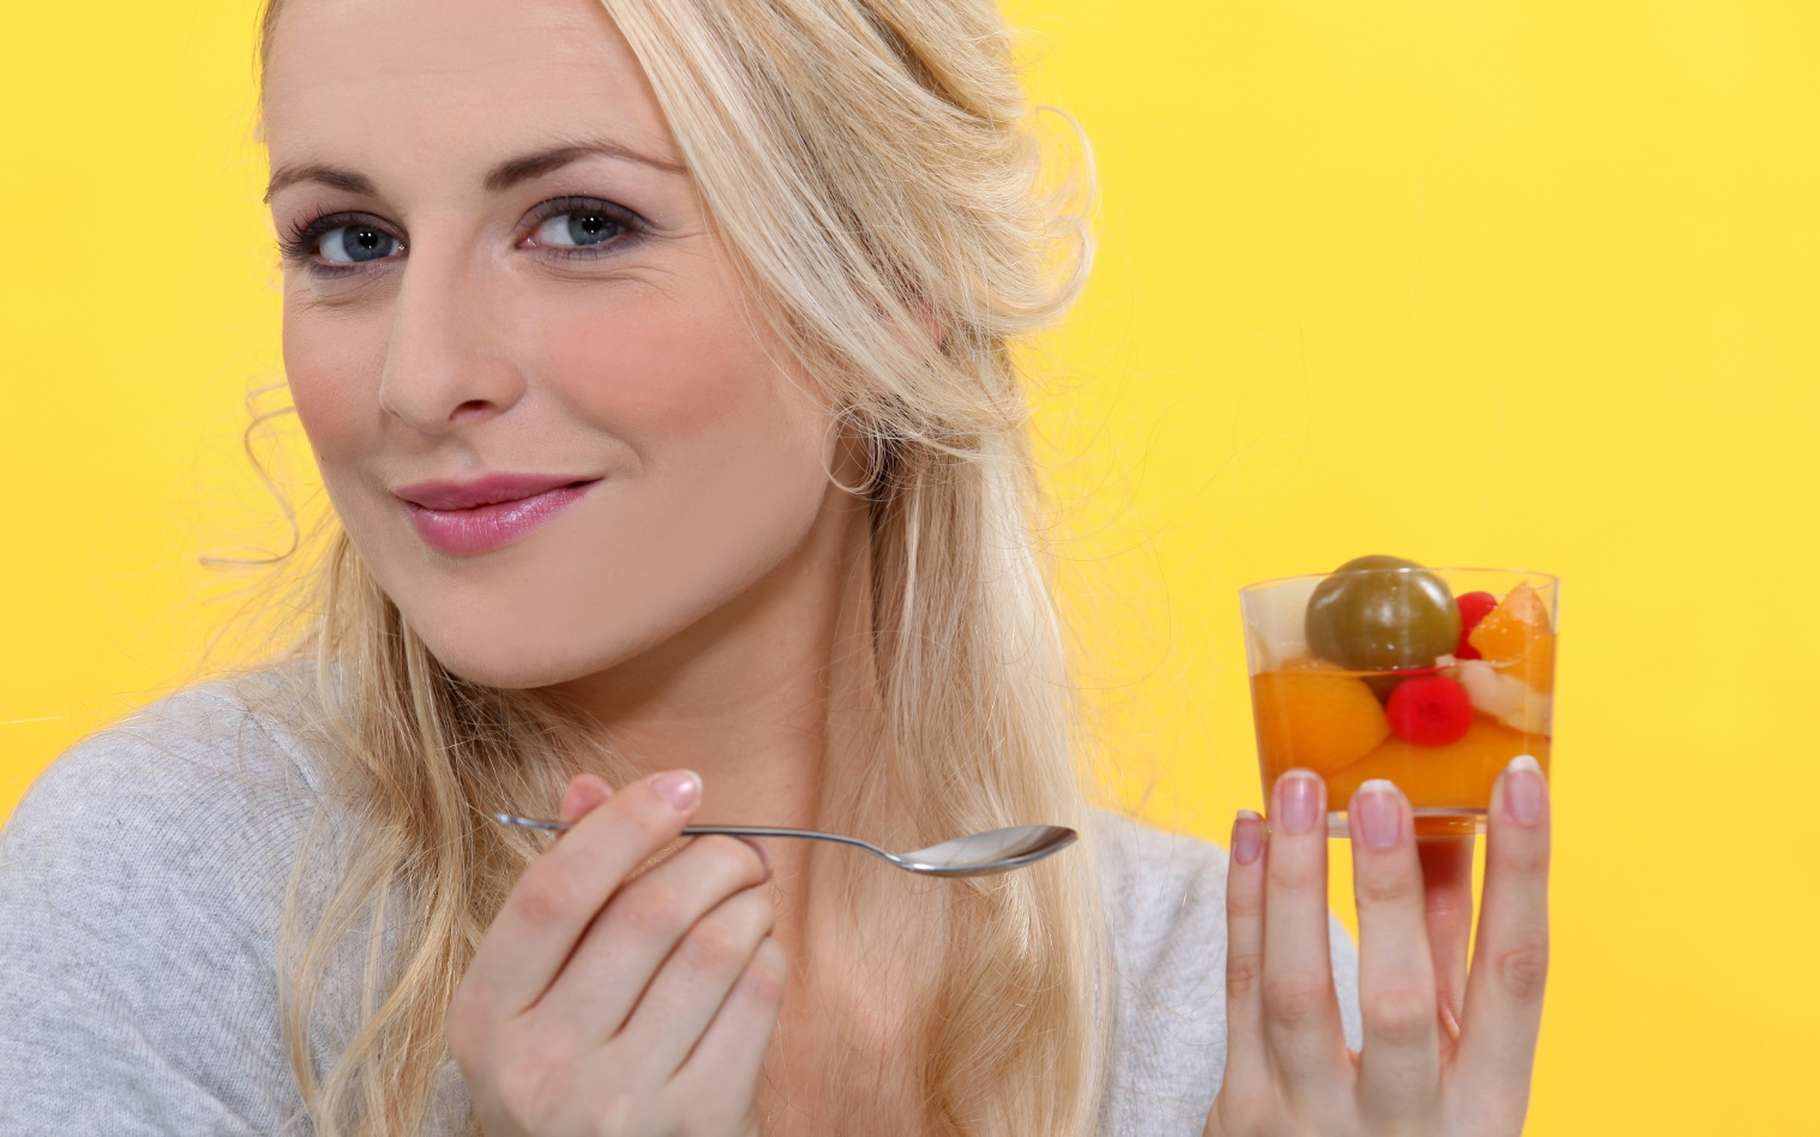 Au lieu de faire des régimes, apprenez à équilibrer votre alimentation. © Phovoir